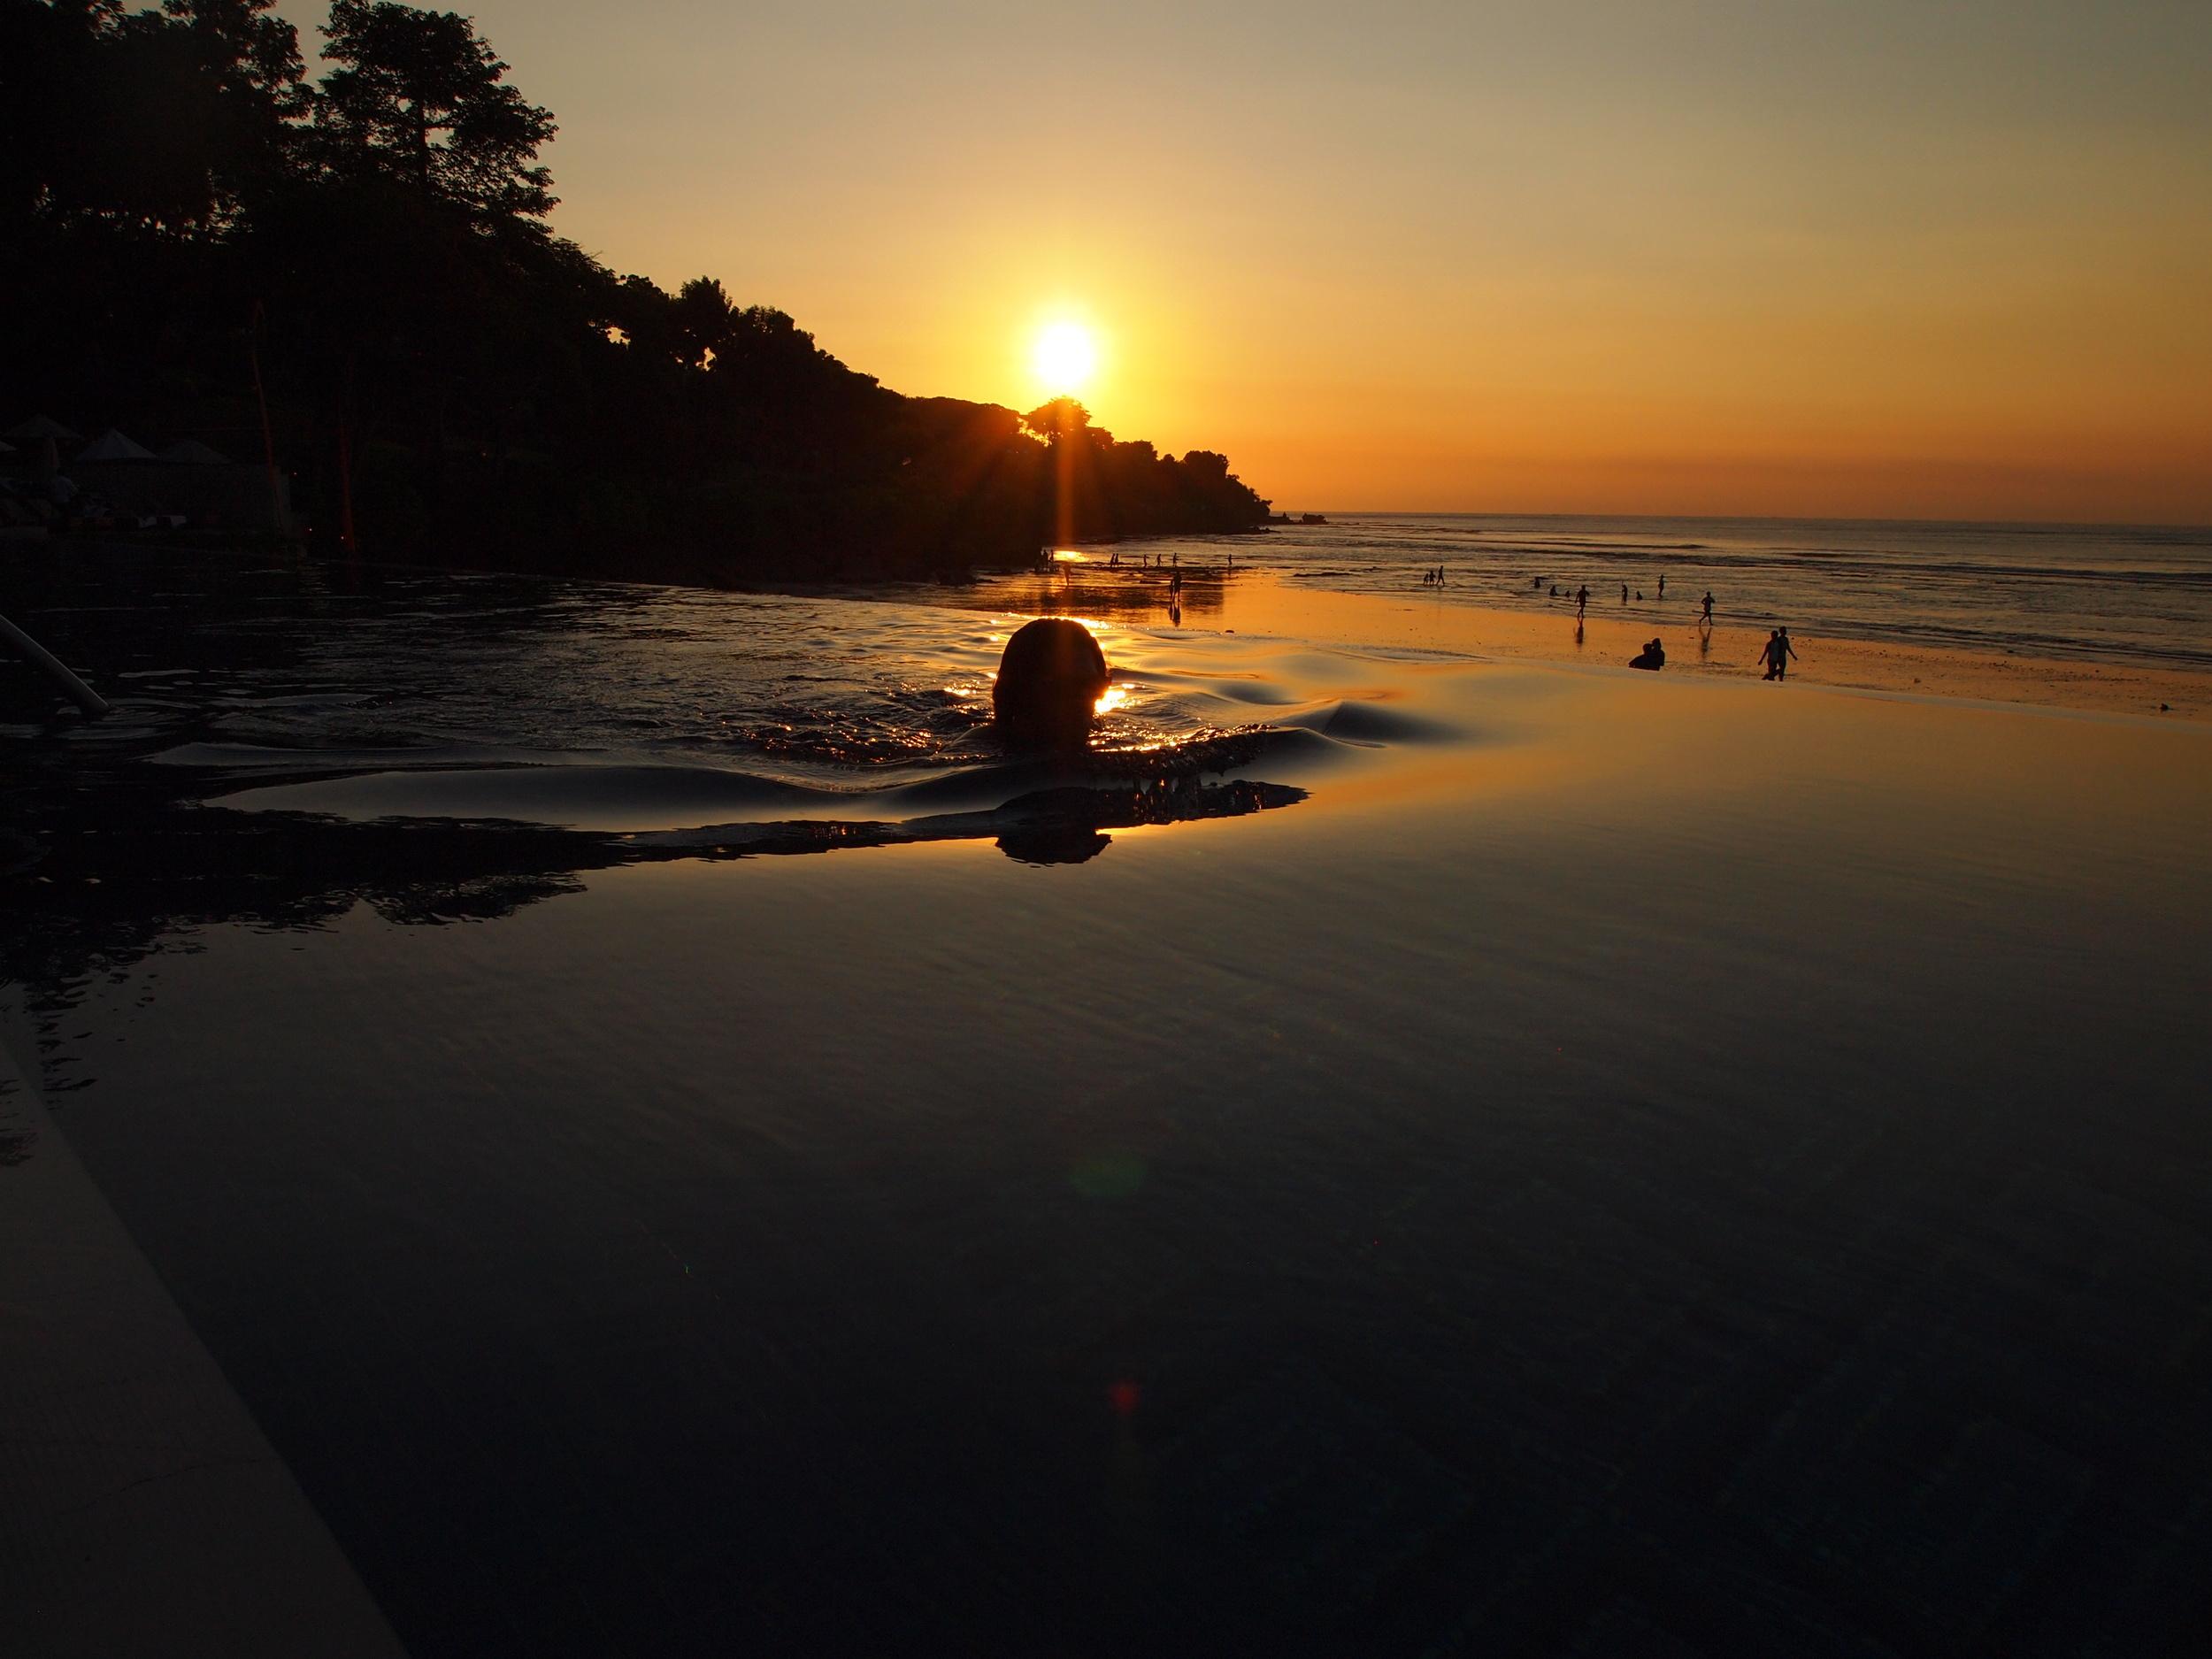 Bali. Sundara.